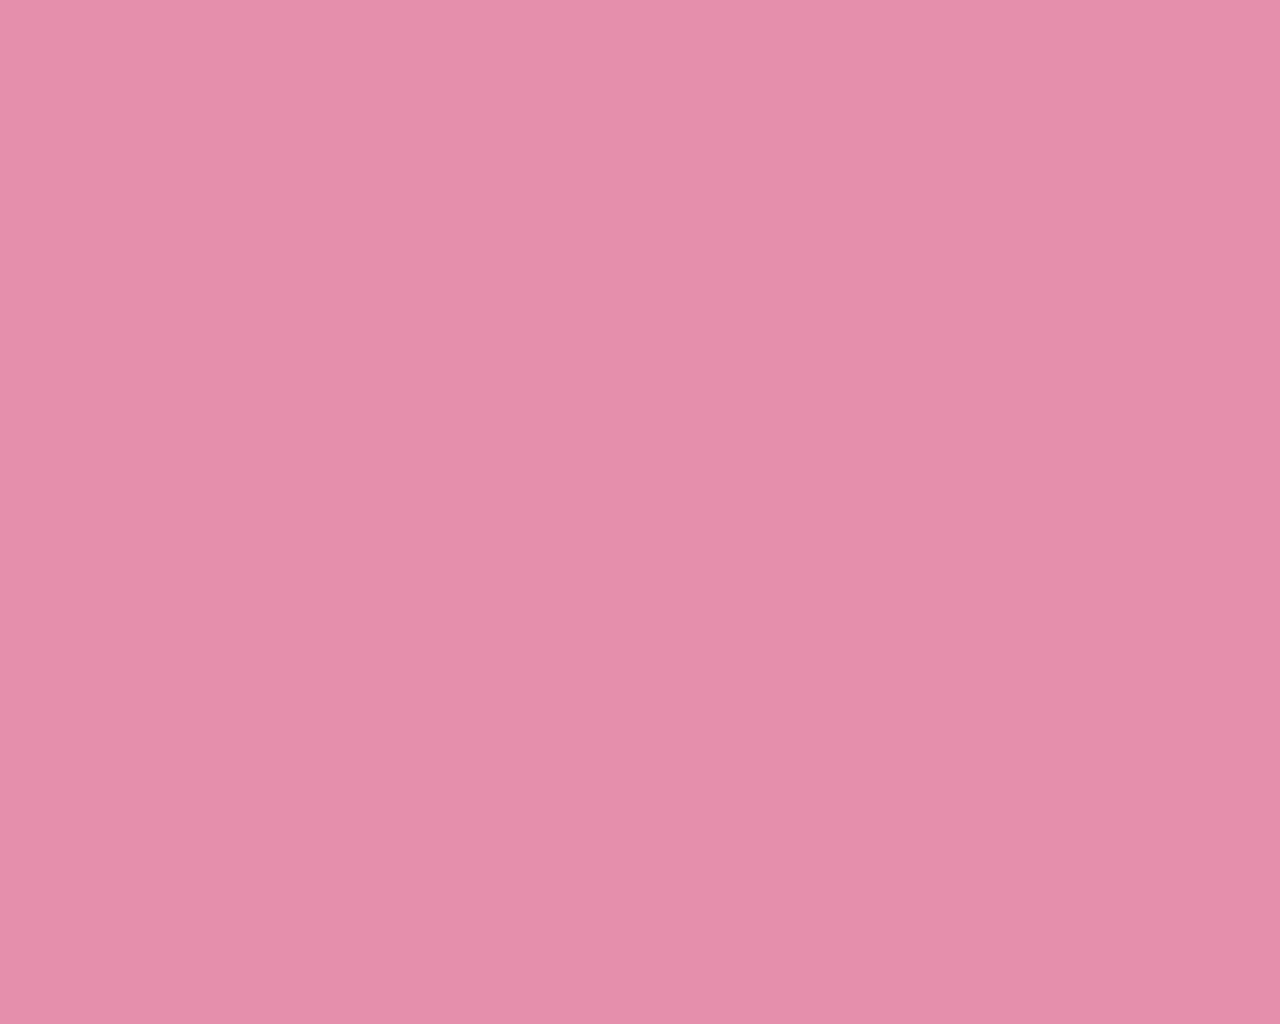 Solid Light Pink Wallpaper 1280x1024 light thulian pink 1280x1024